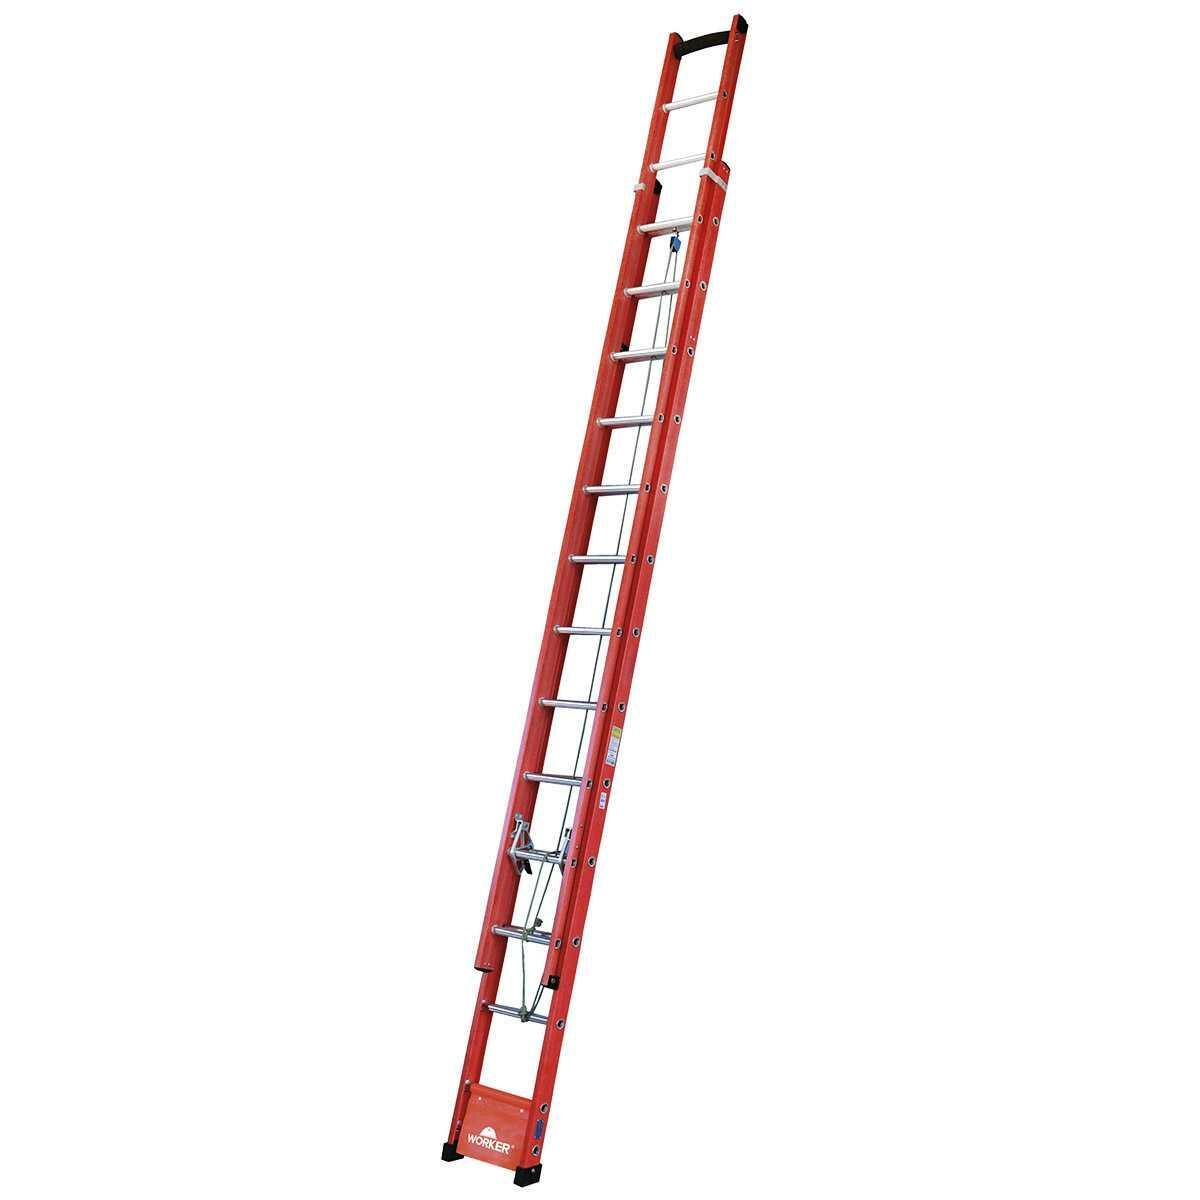 Escada de Fibra Extensiva 24 Degraus 7,20M Worker